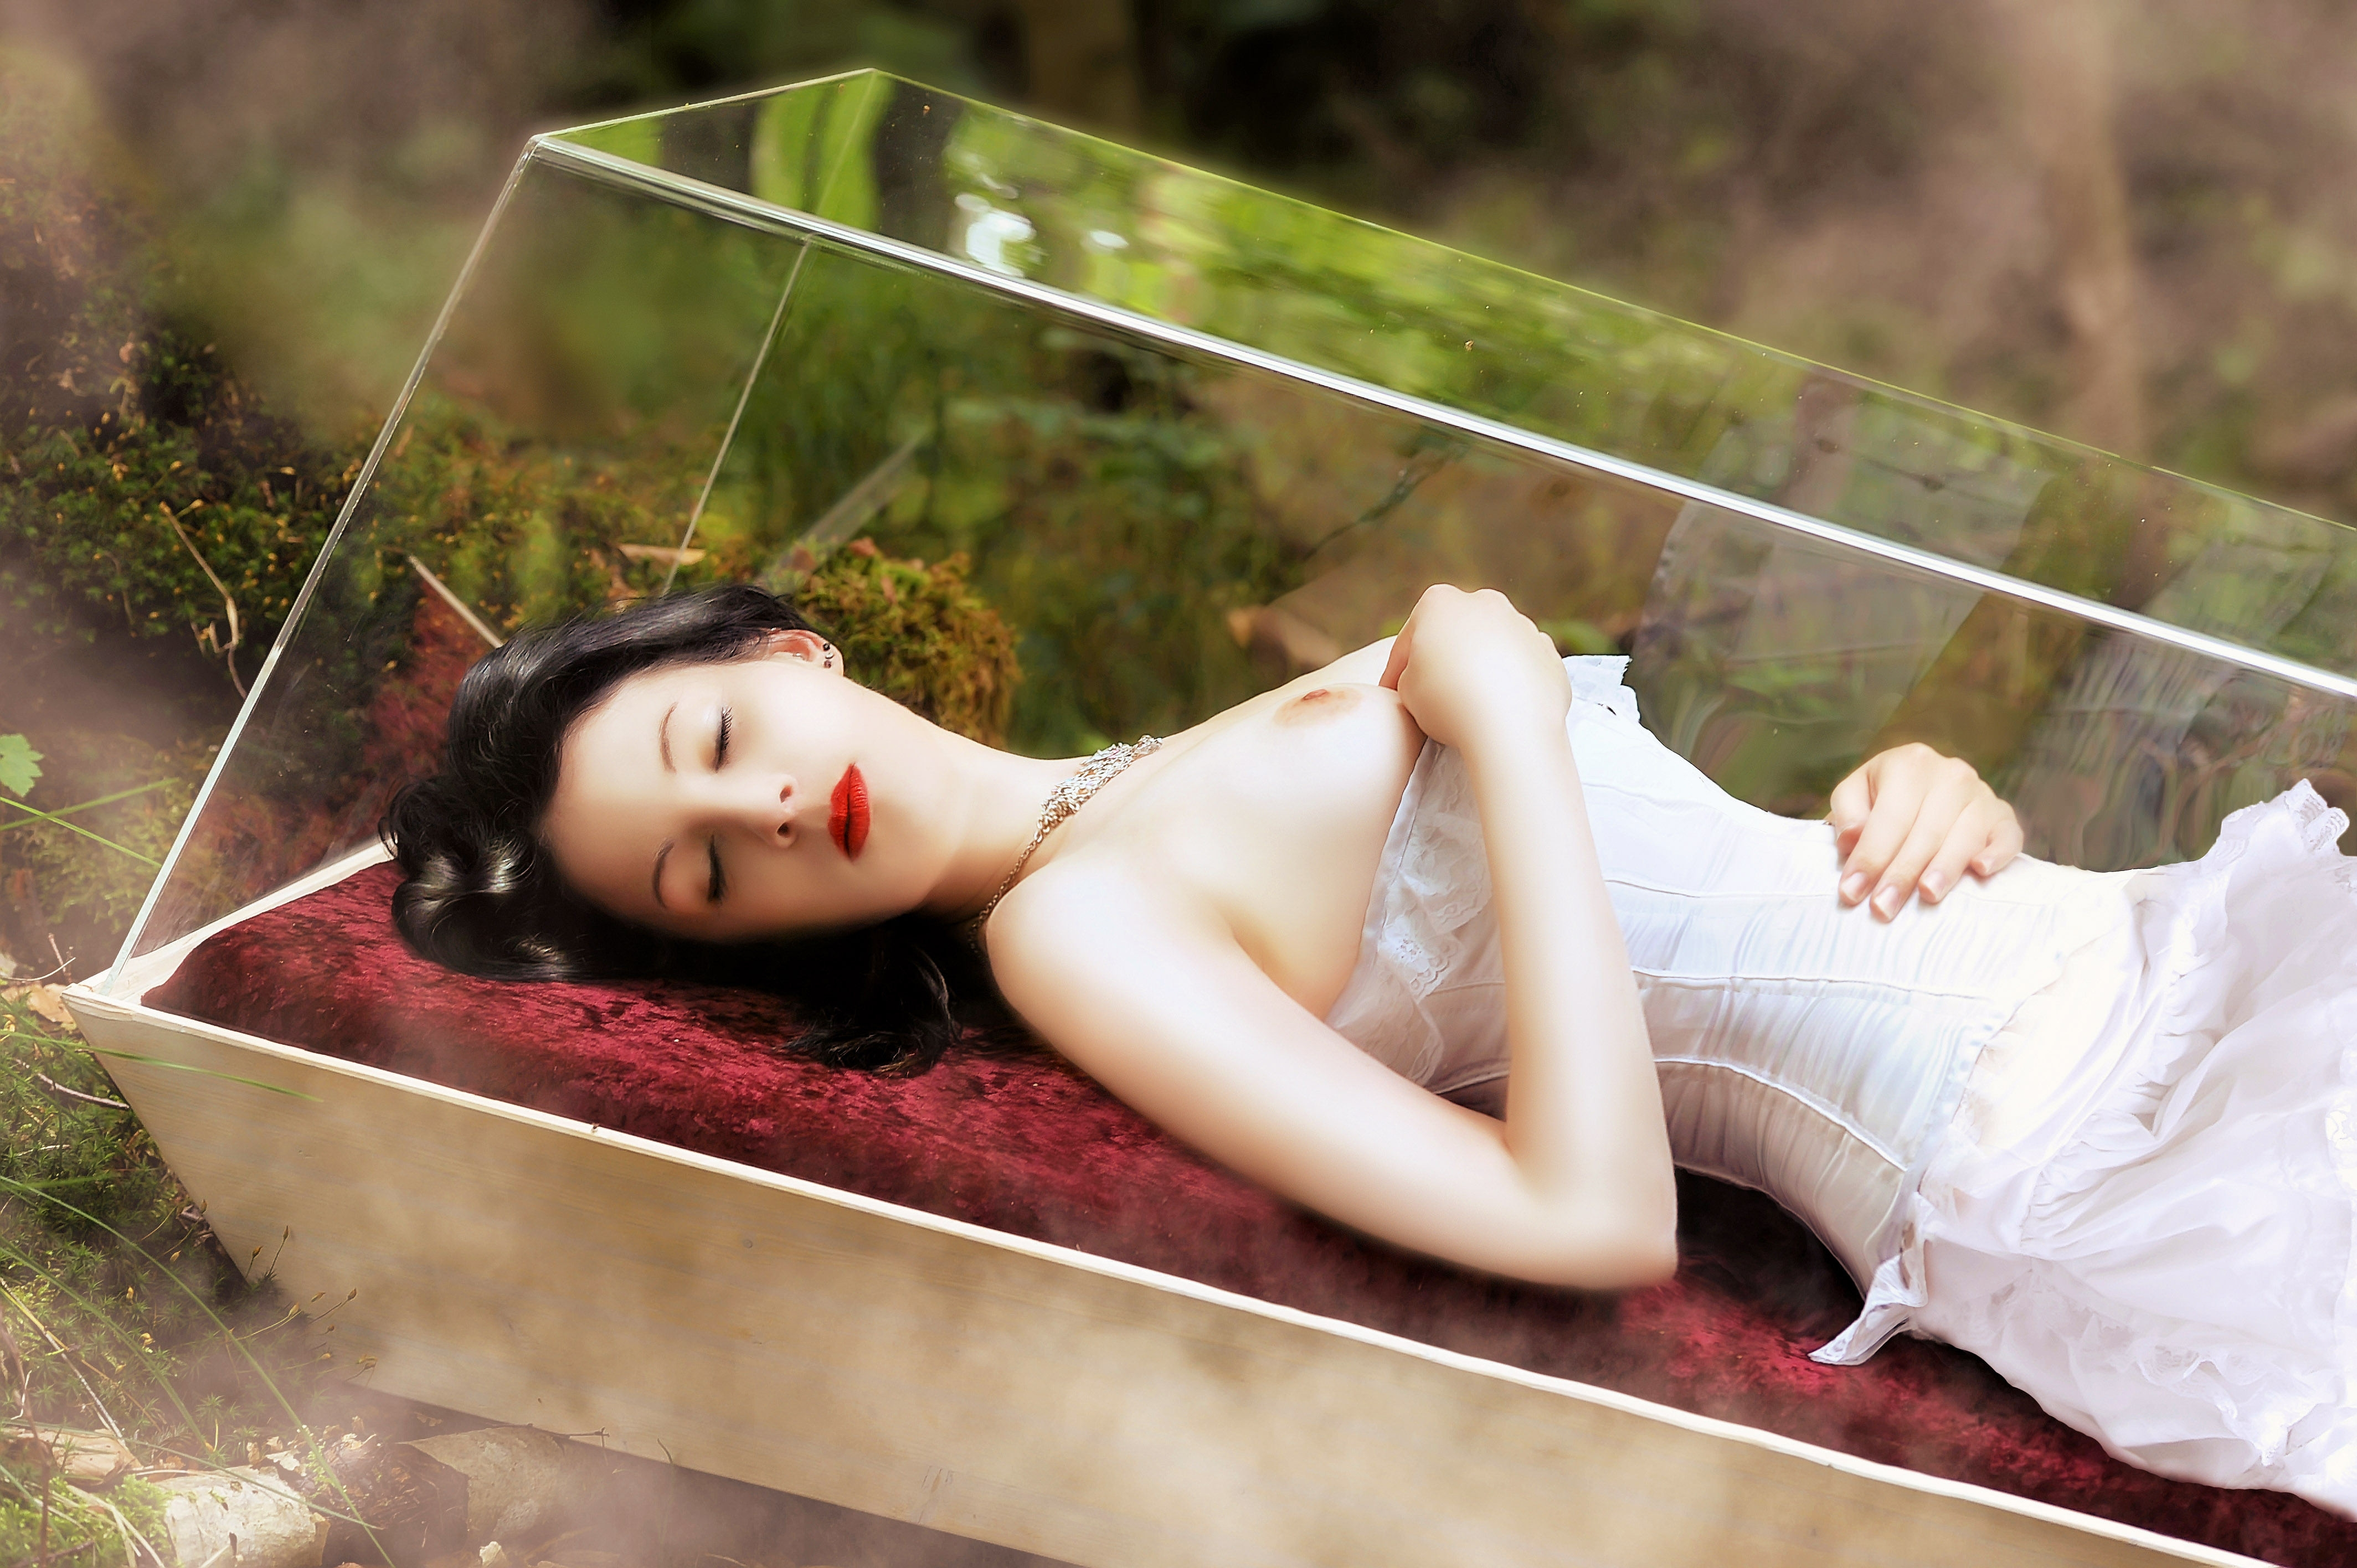 Фото Спящая красавица в белом платье в стеклянном гробу и голыми сиськами, красные губы, скачать картинку бесплатно